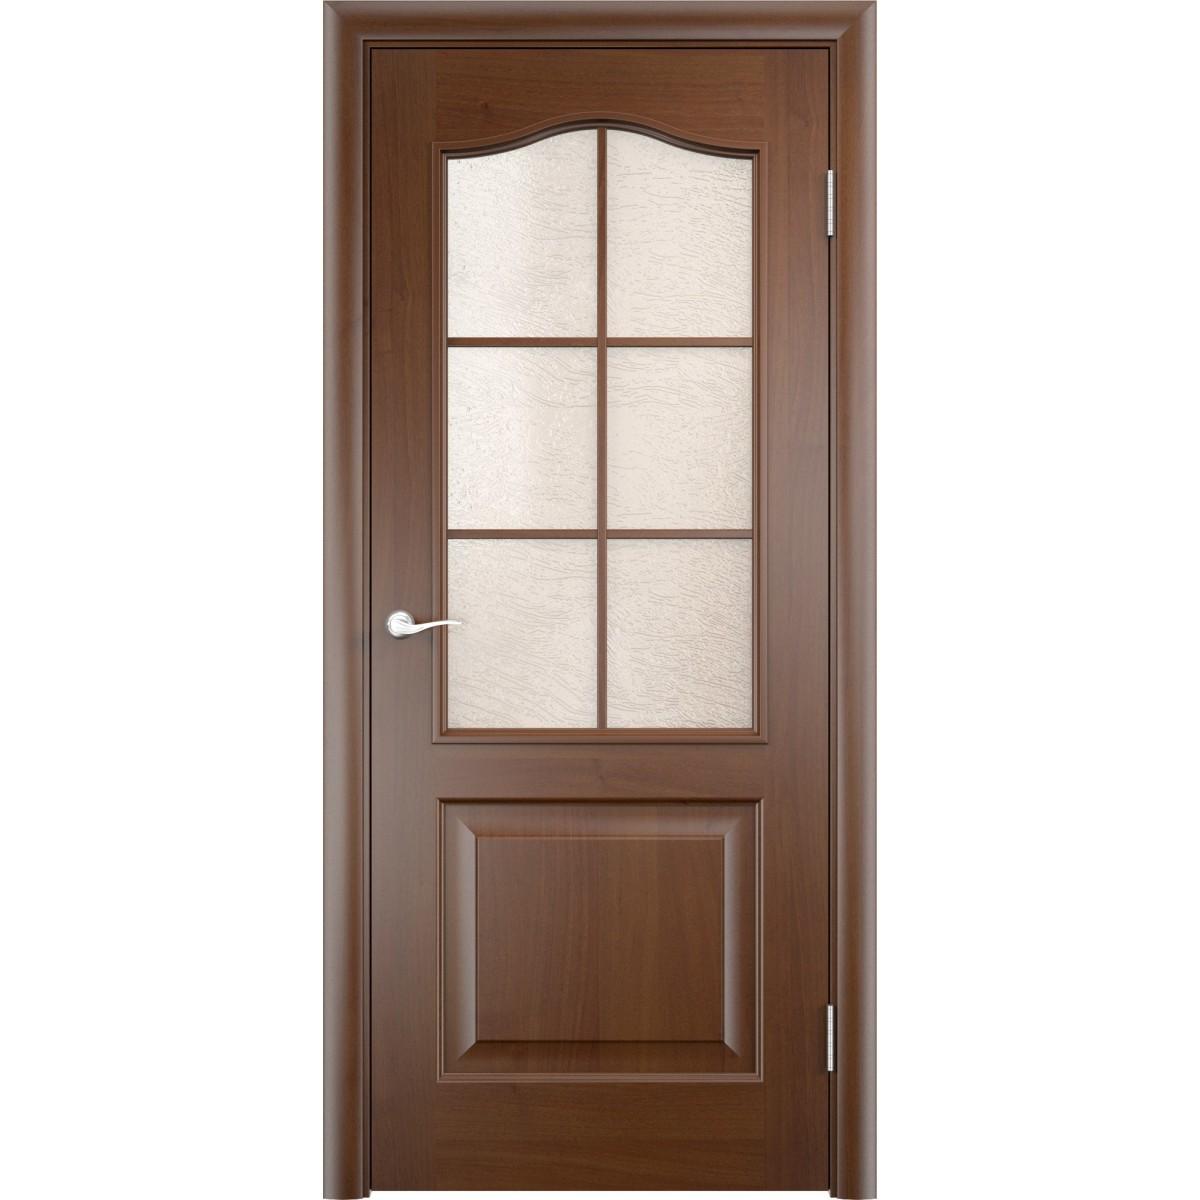 Дверь Межкомнатная Остеклённая Антик 60x200 Пвх Цвет Дуб Коньяк